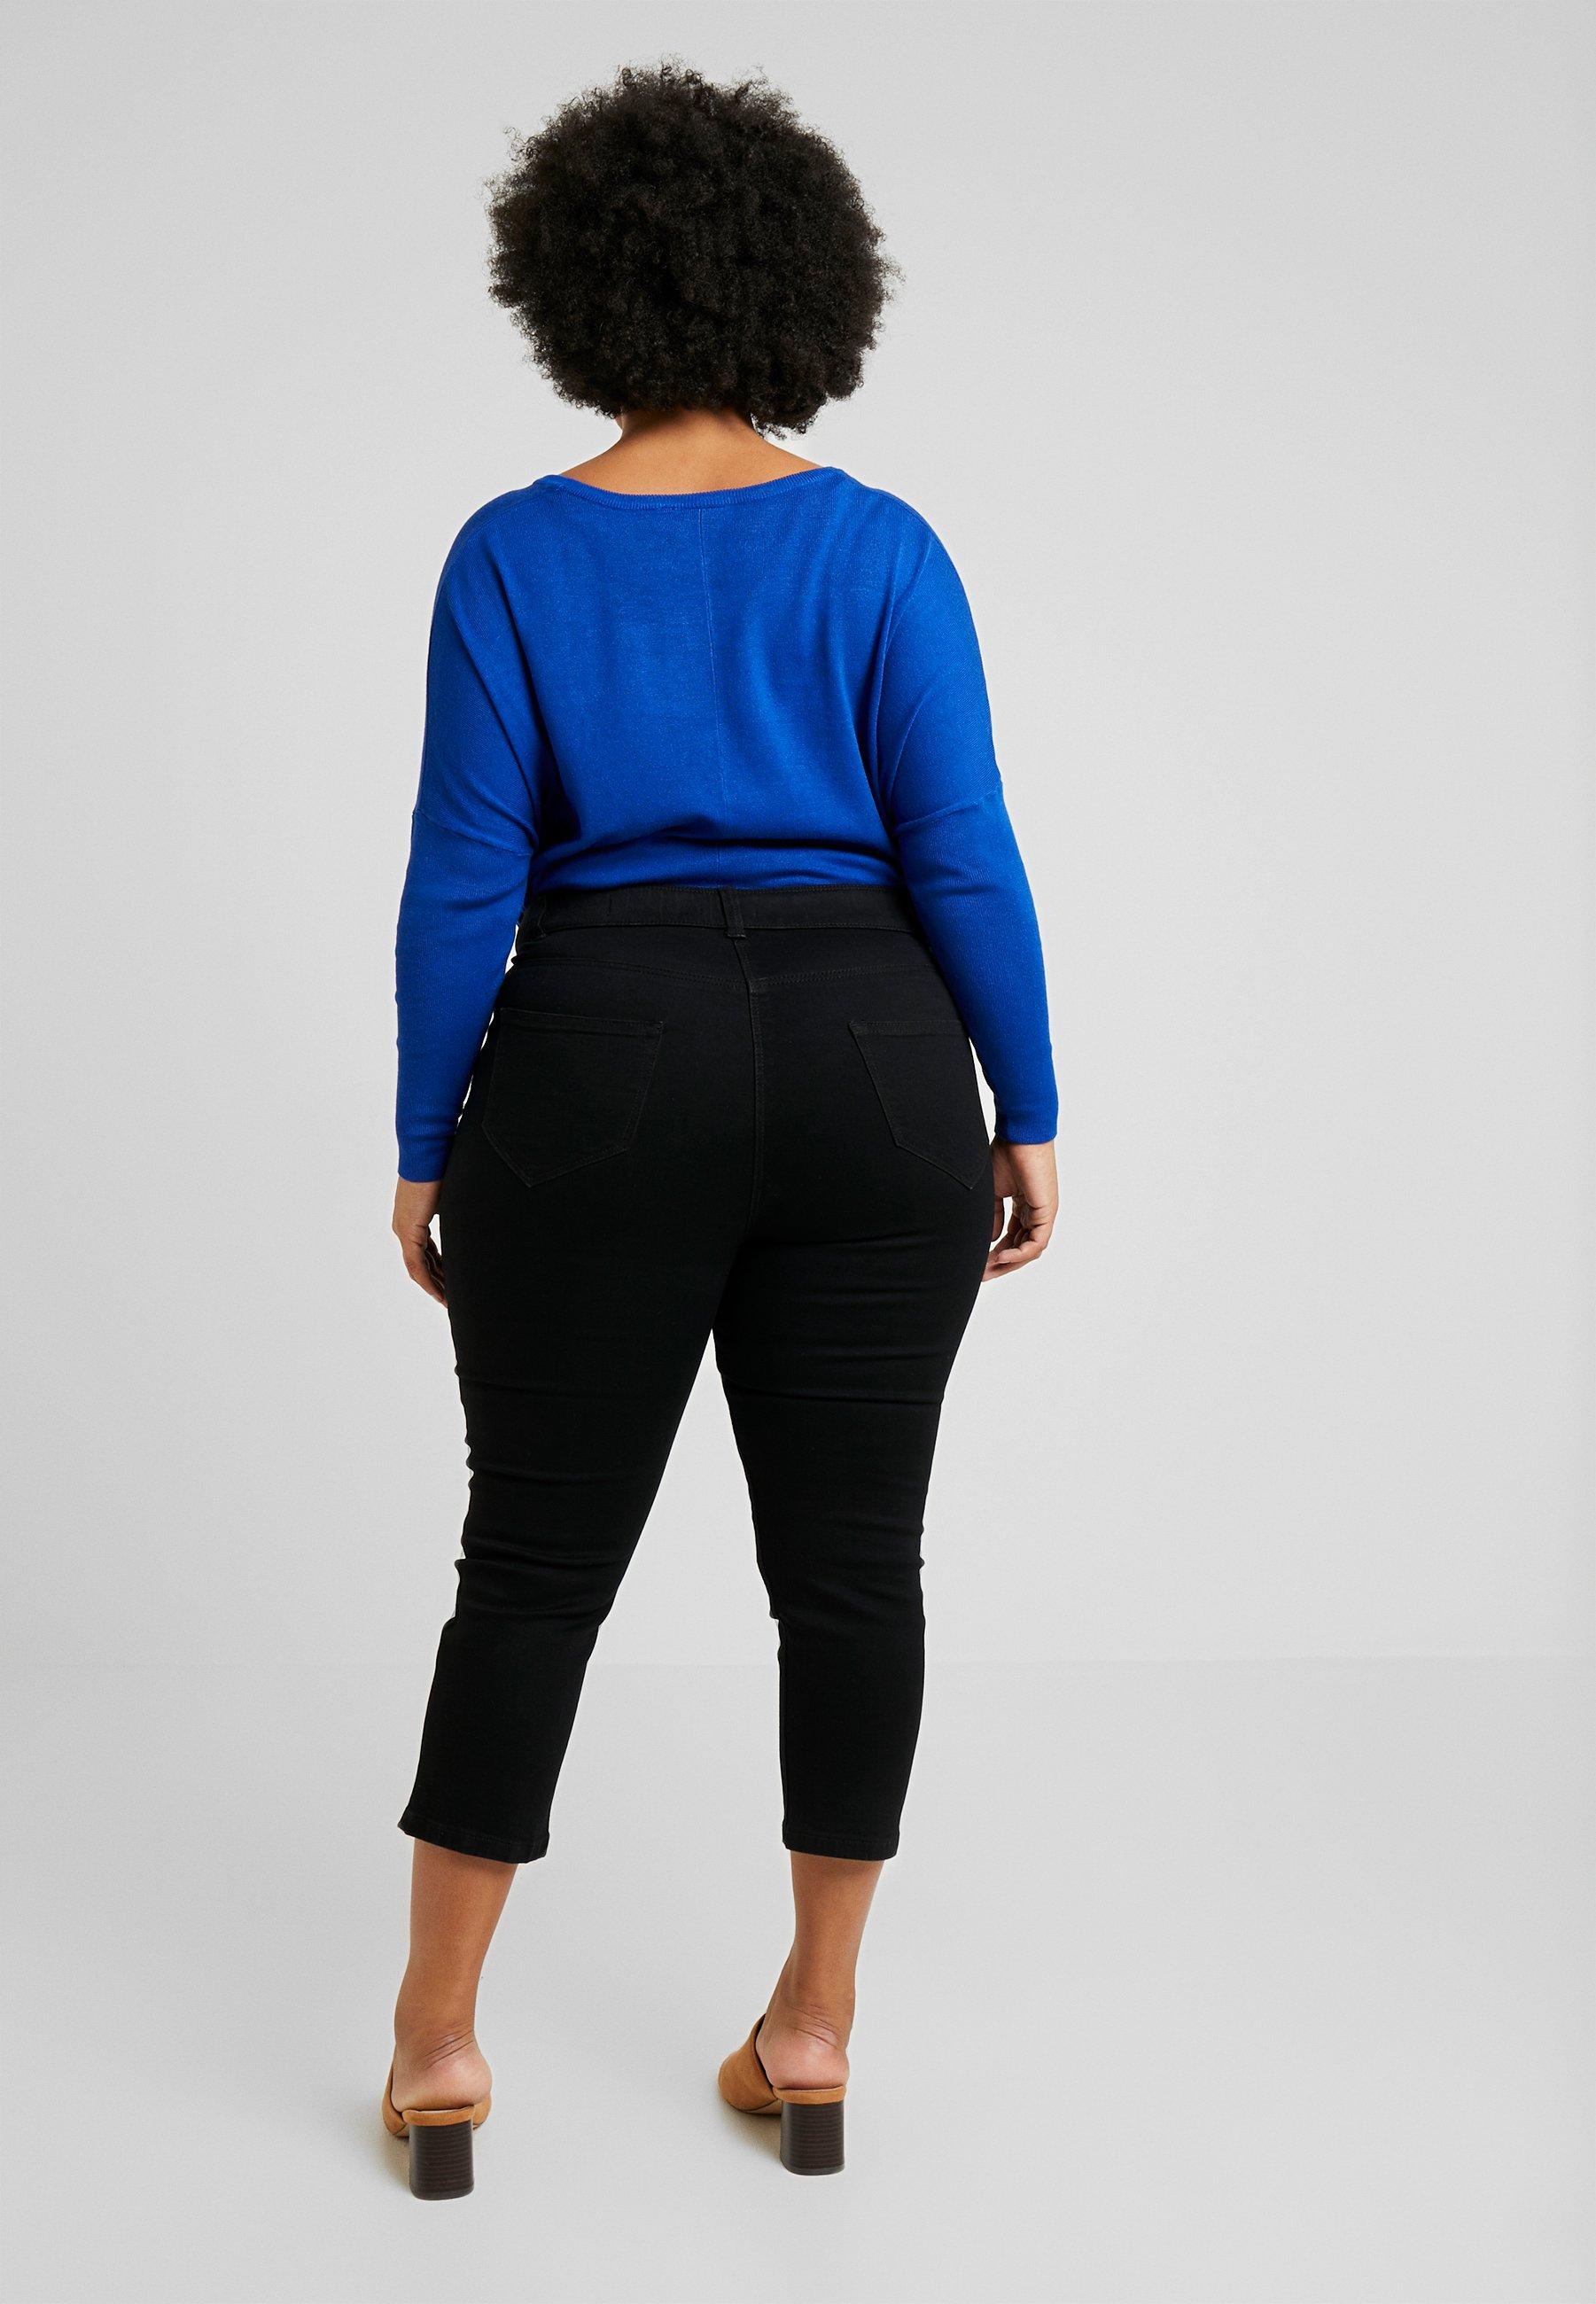 Black Simply CropJeans Be By Capsule Skinny 8nwkX0OP